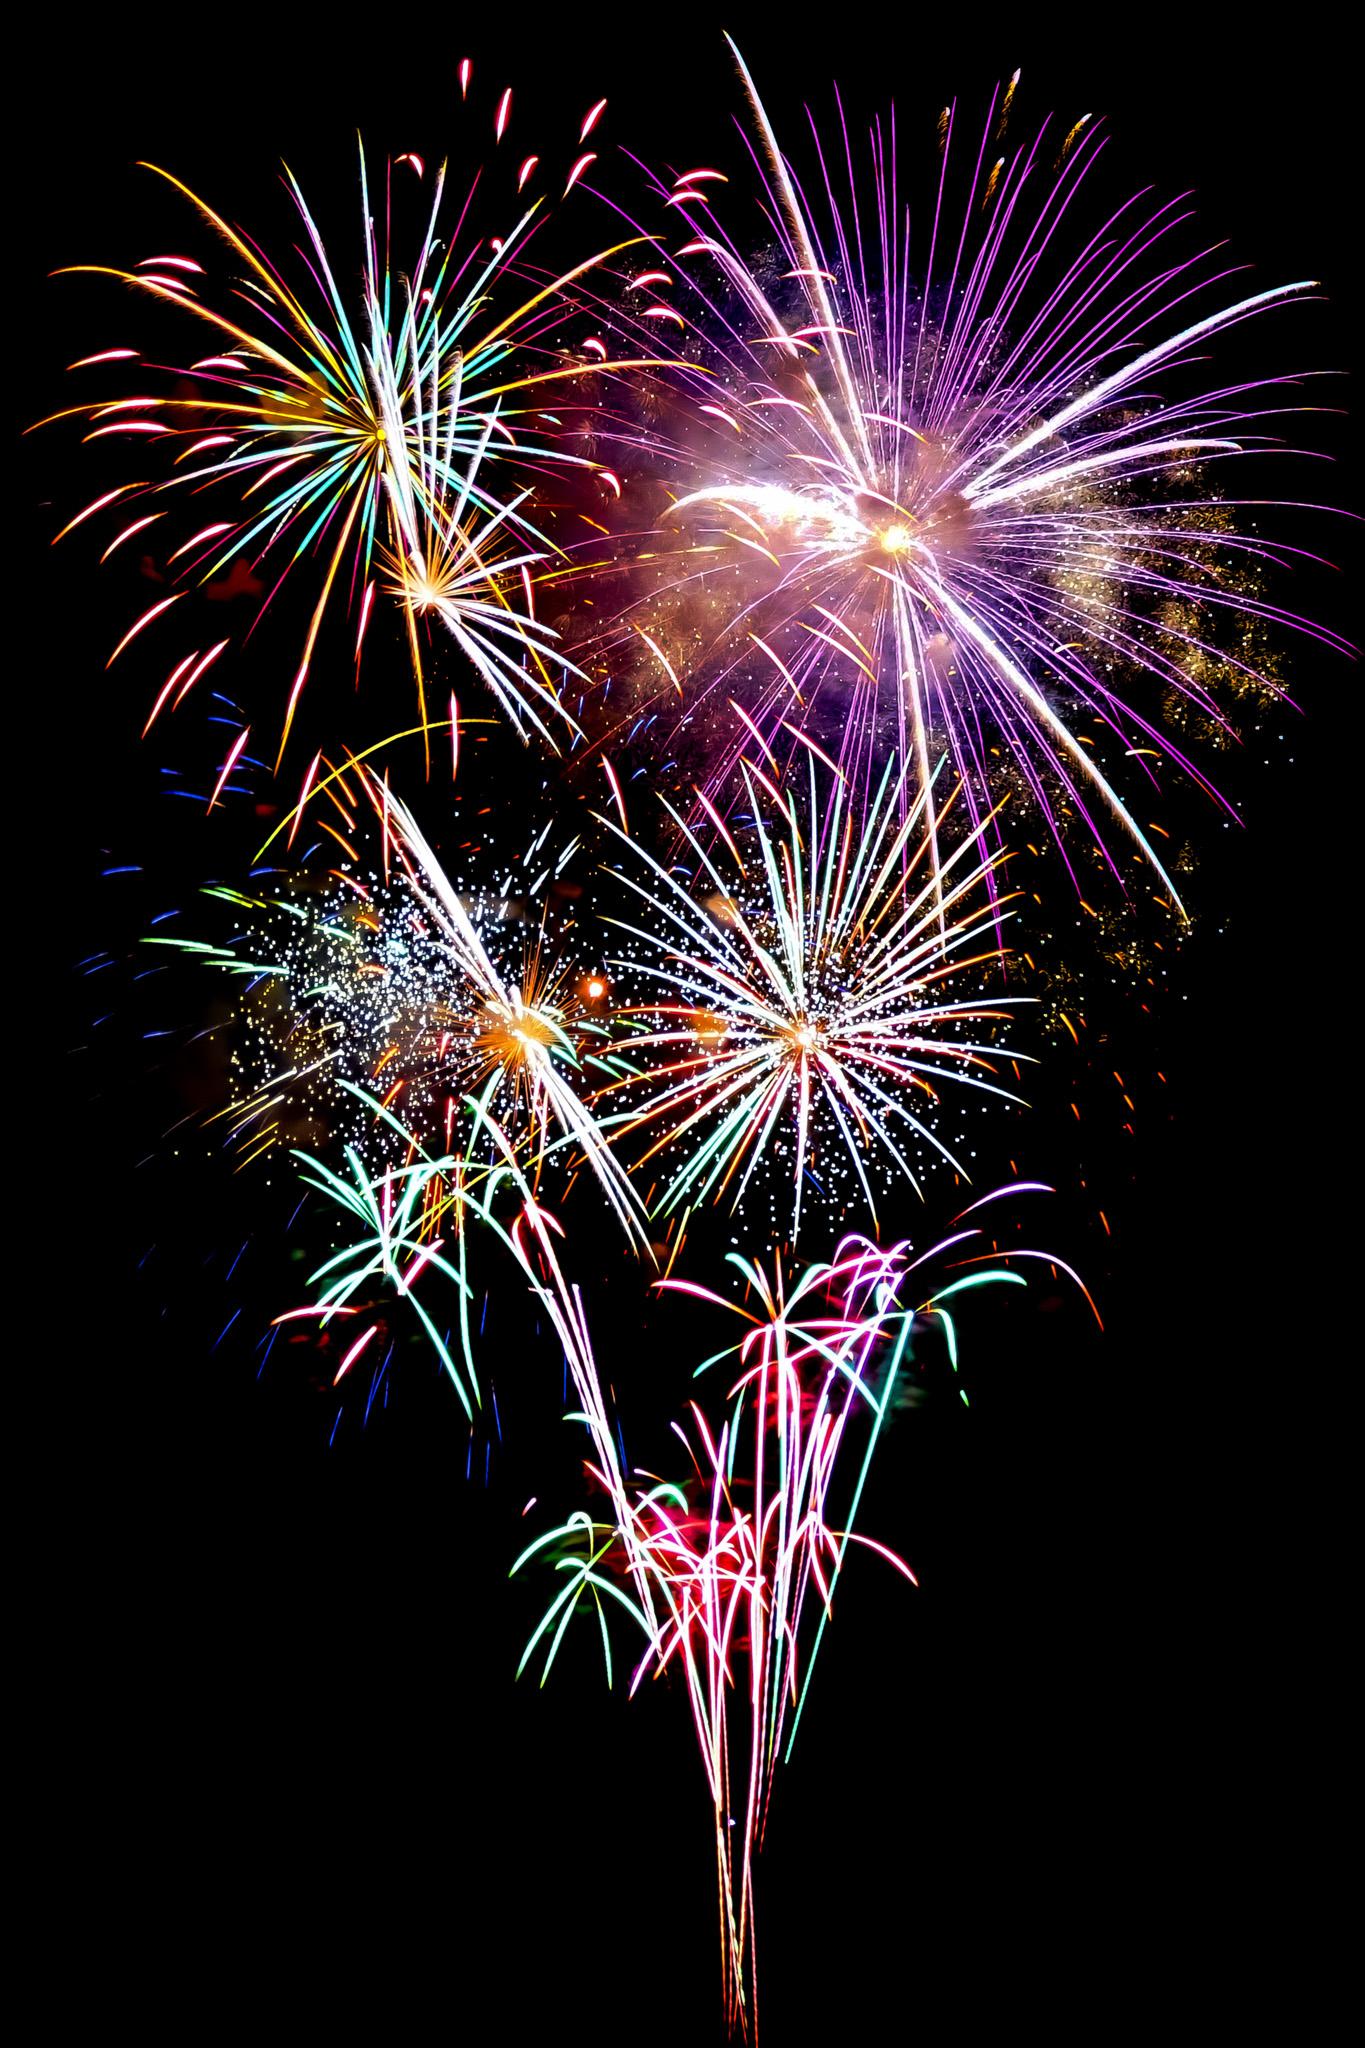 「色鮮やかな光が弾ける花火大会」の画像を無料ダウンロード